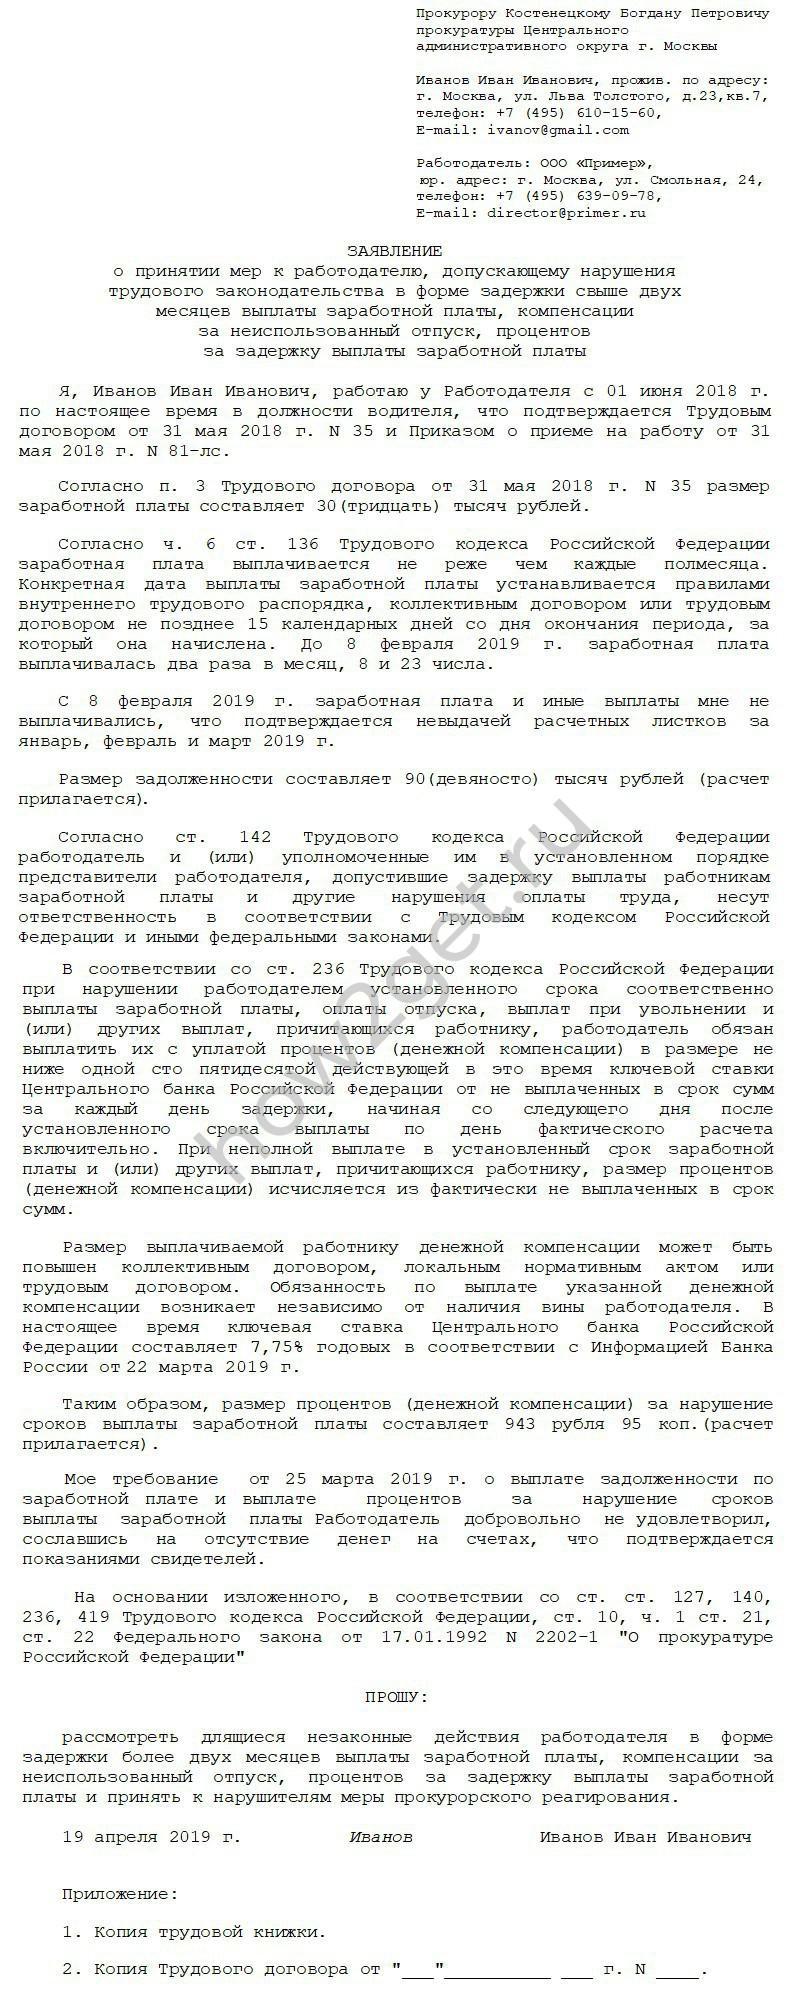 Заявление в прокуратуру о невыплате алиментов